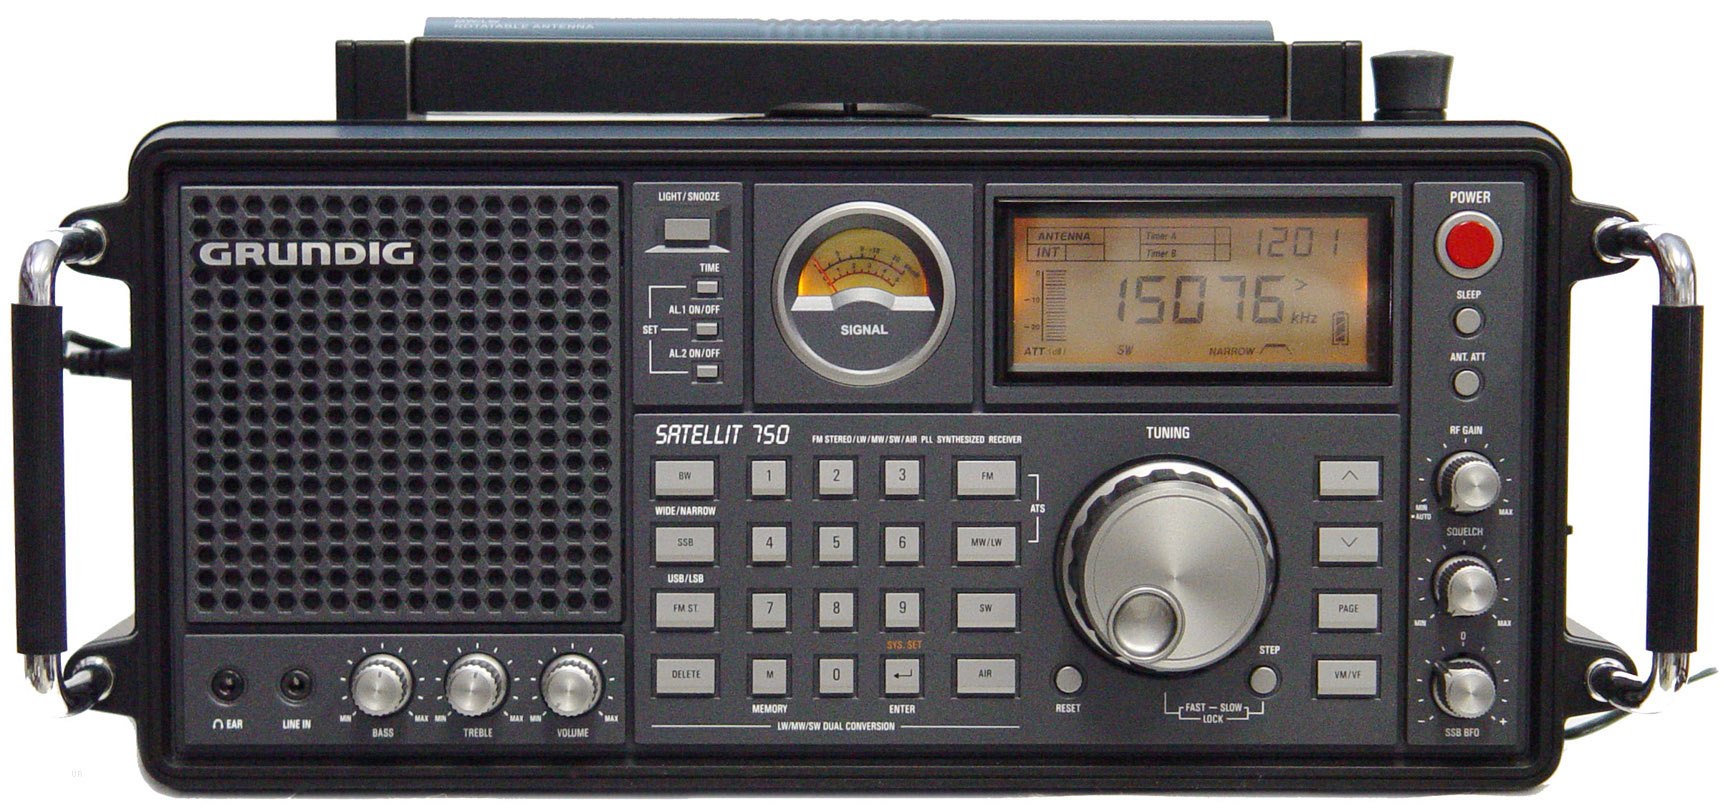 Grundig Satellit 750 является радиоприёмником, способным принимать различные виды модуляций и полосы частот.